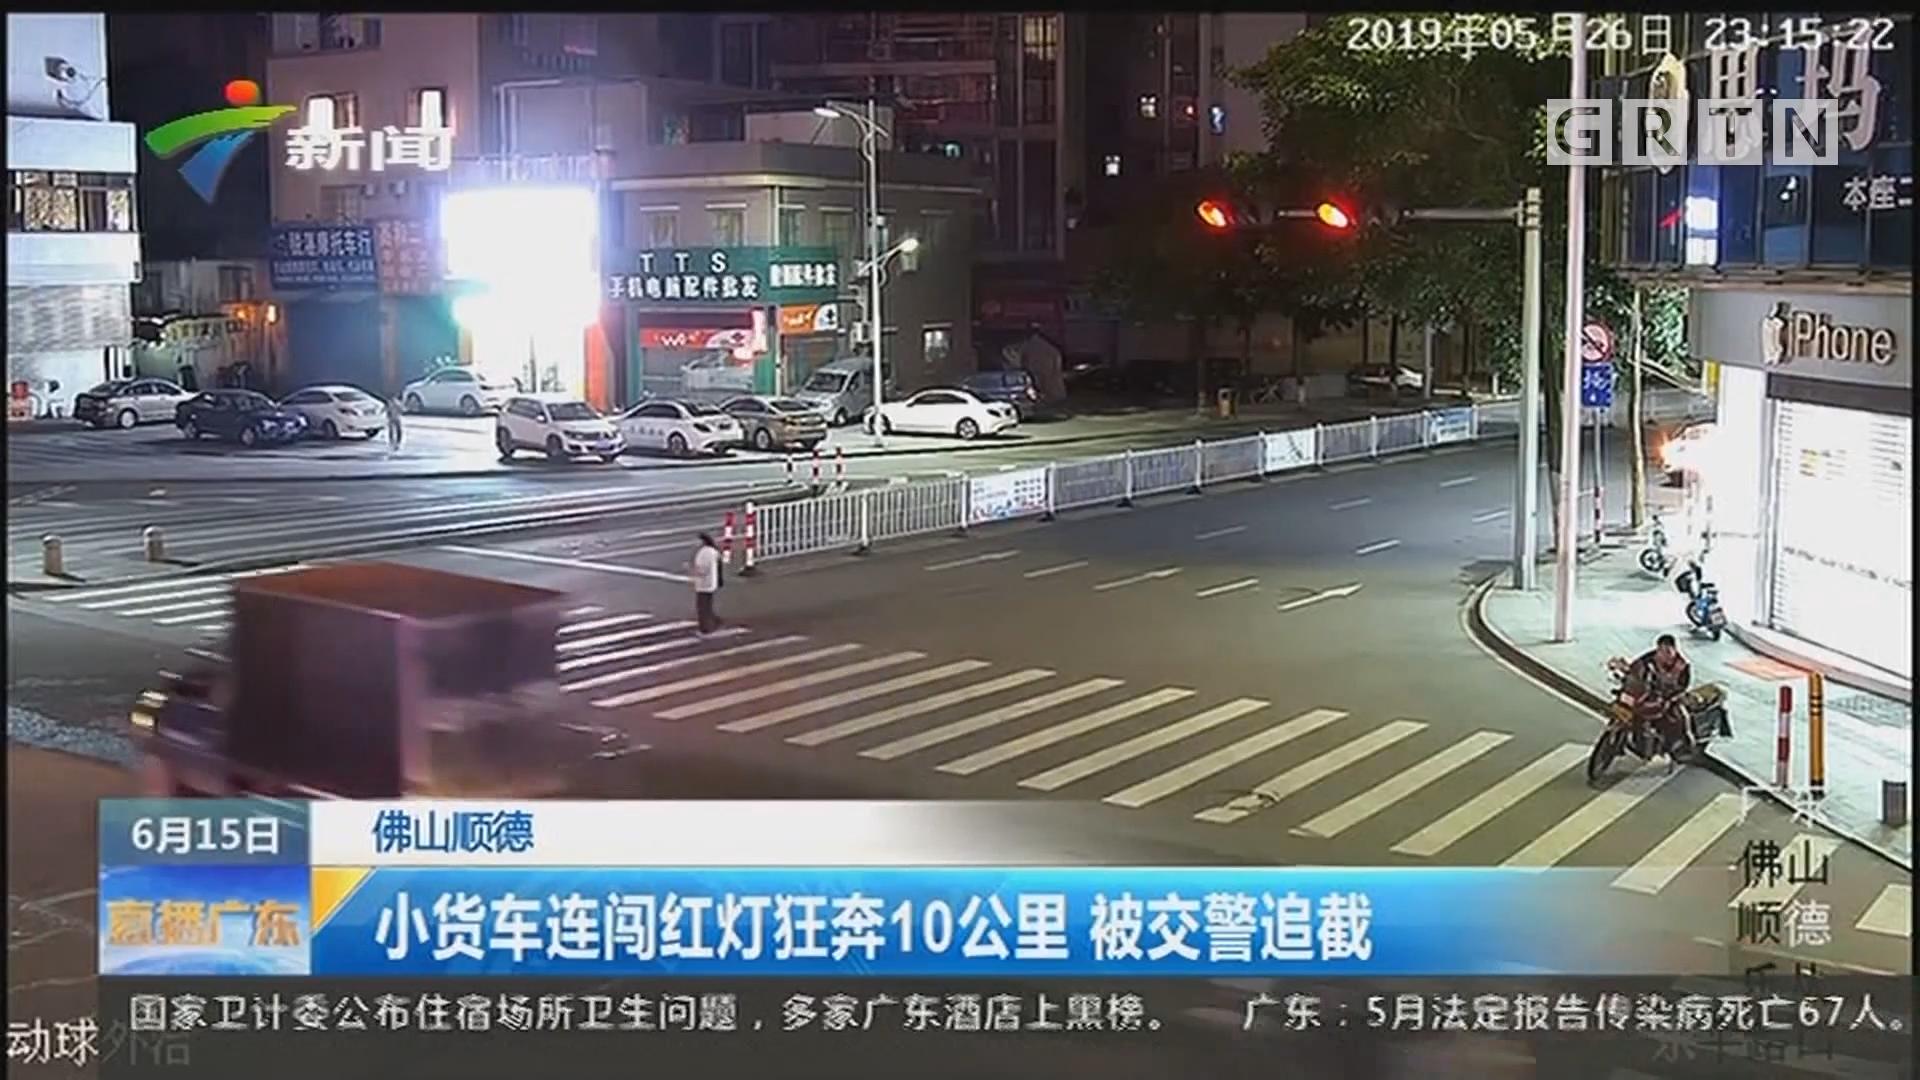 佛山顺德:小货车连闯红灯狂奔10公里 被交警追截